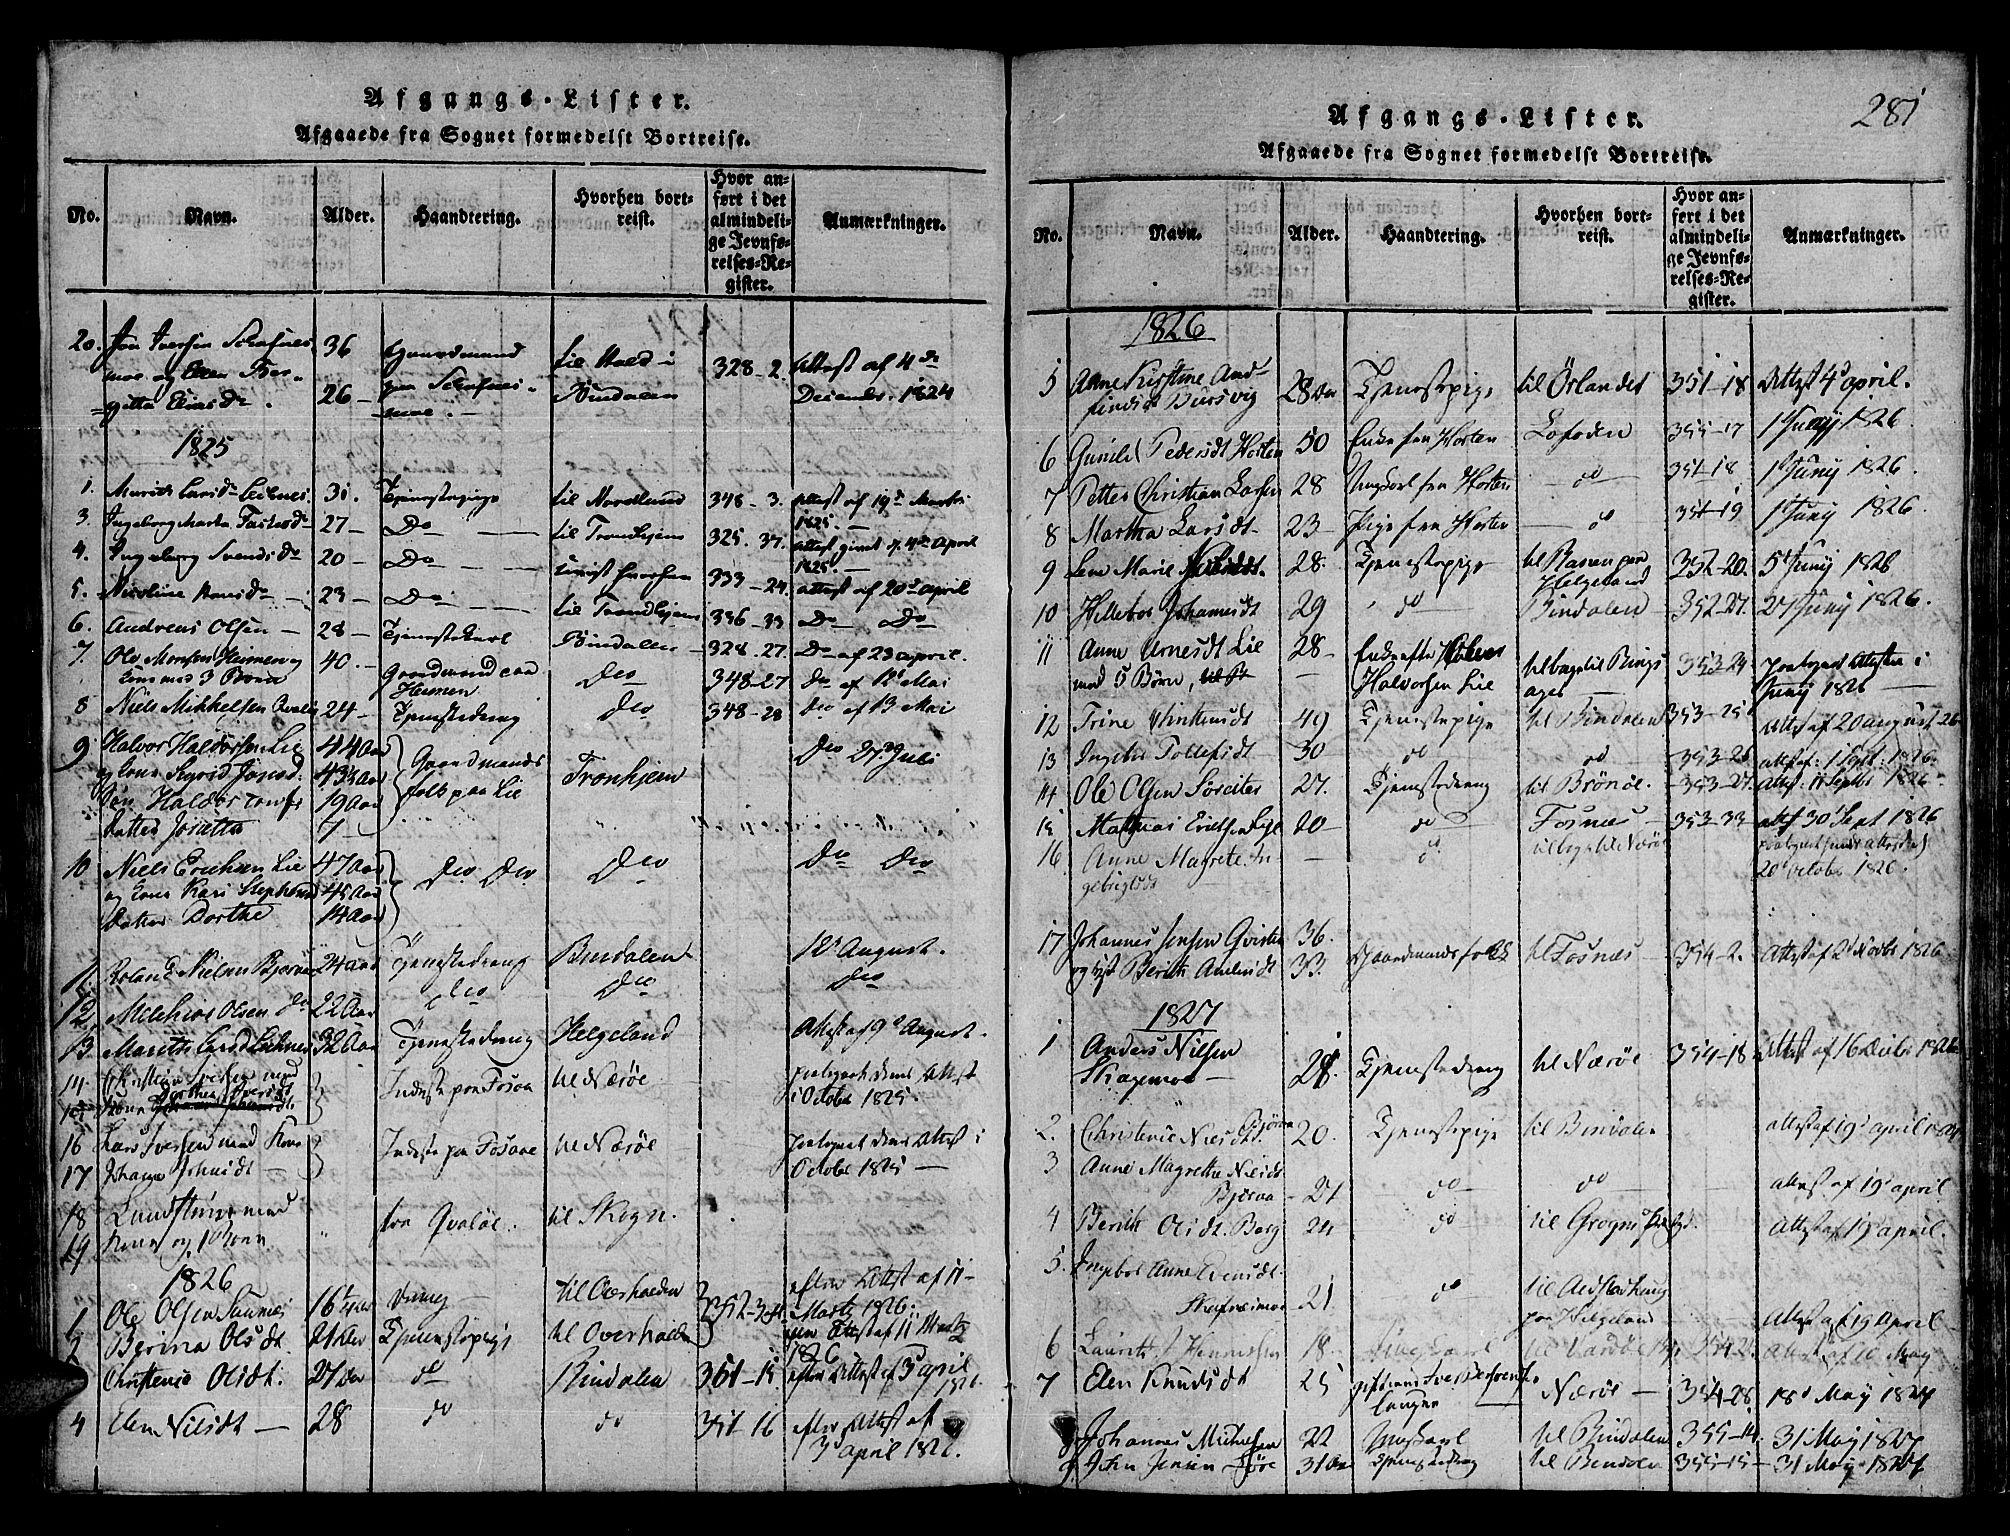 SAT, Ministerialprotokoller, klokkerbøker og fødselsregistre - Nord-Trøndelag, 780/L0636: Ministerialbok nr. 780A03 /1, 1815-1830, s. 281